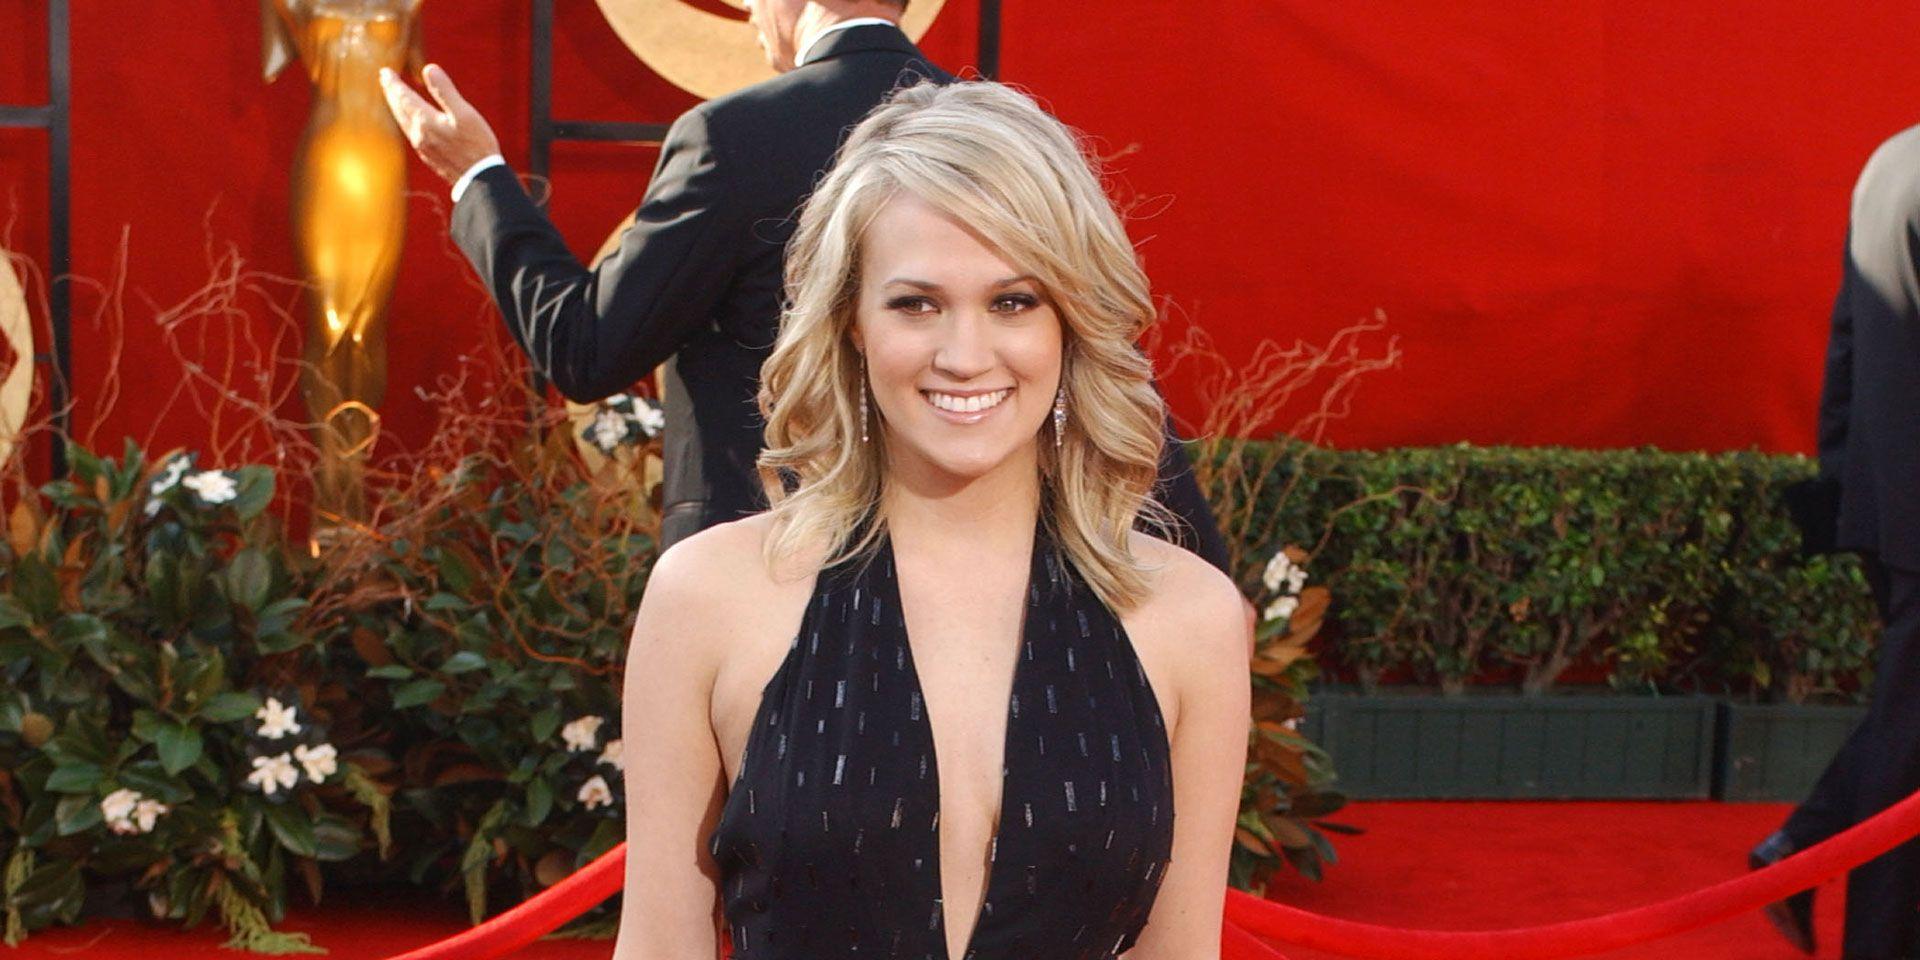 Carrie Underwood's Red Carpet Résumé